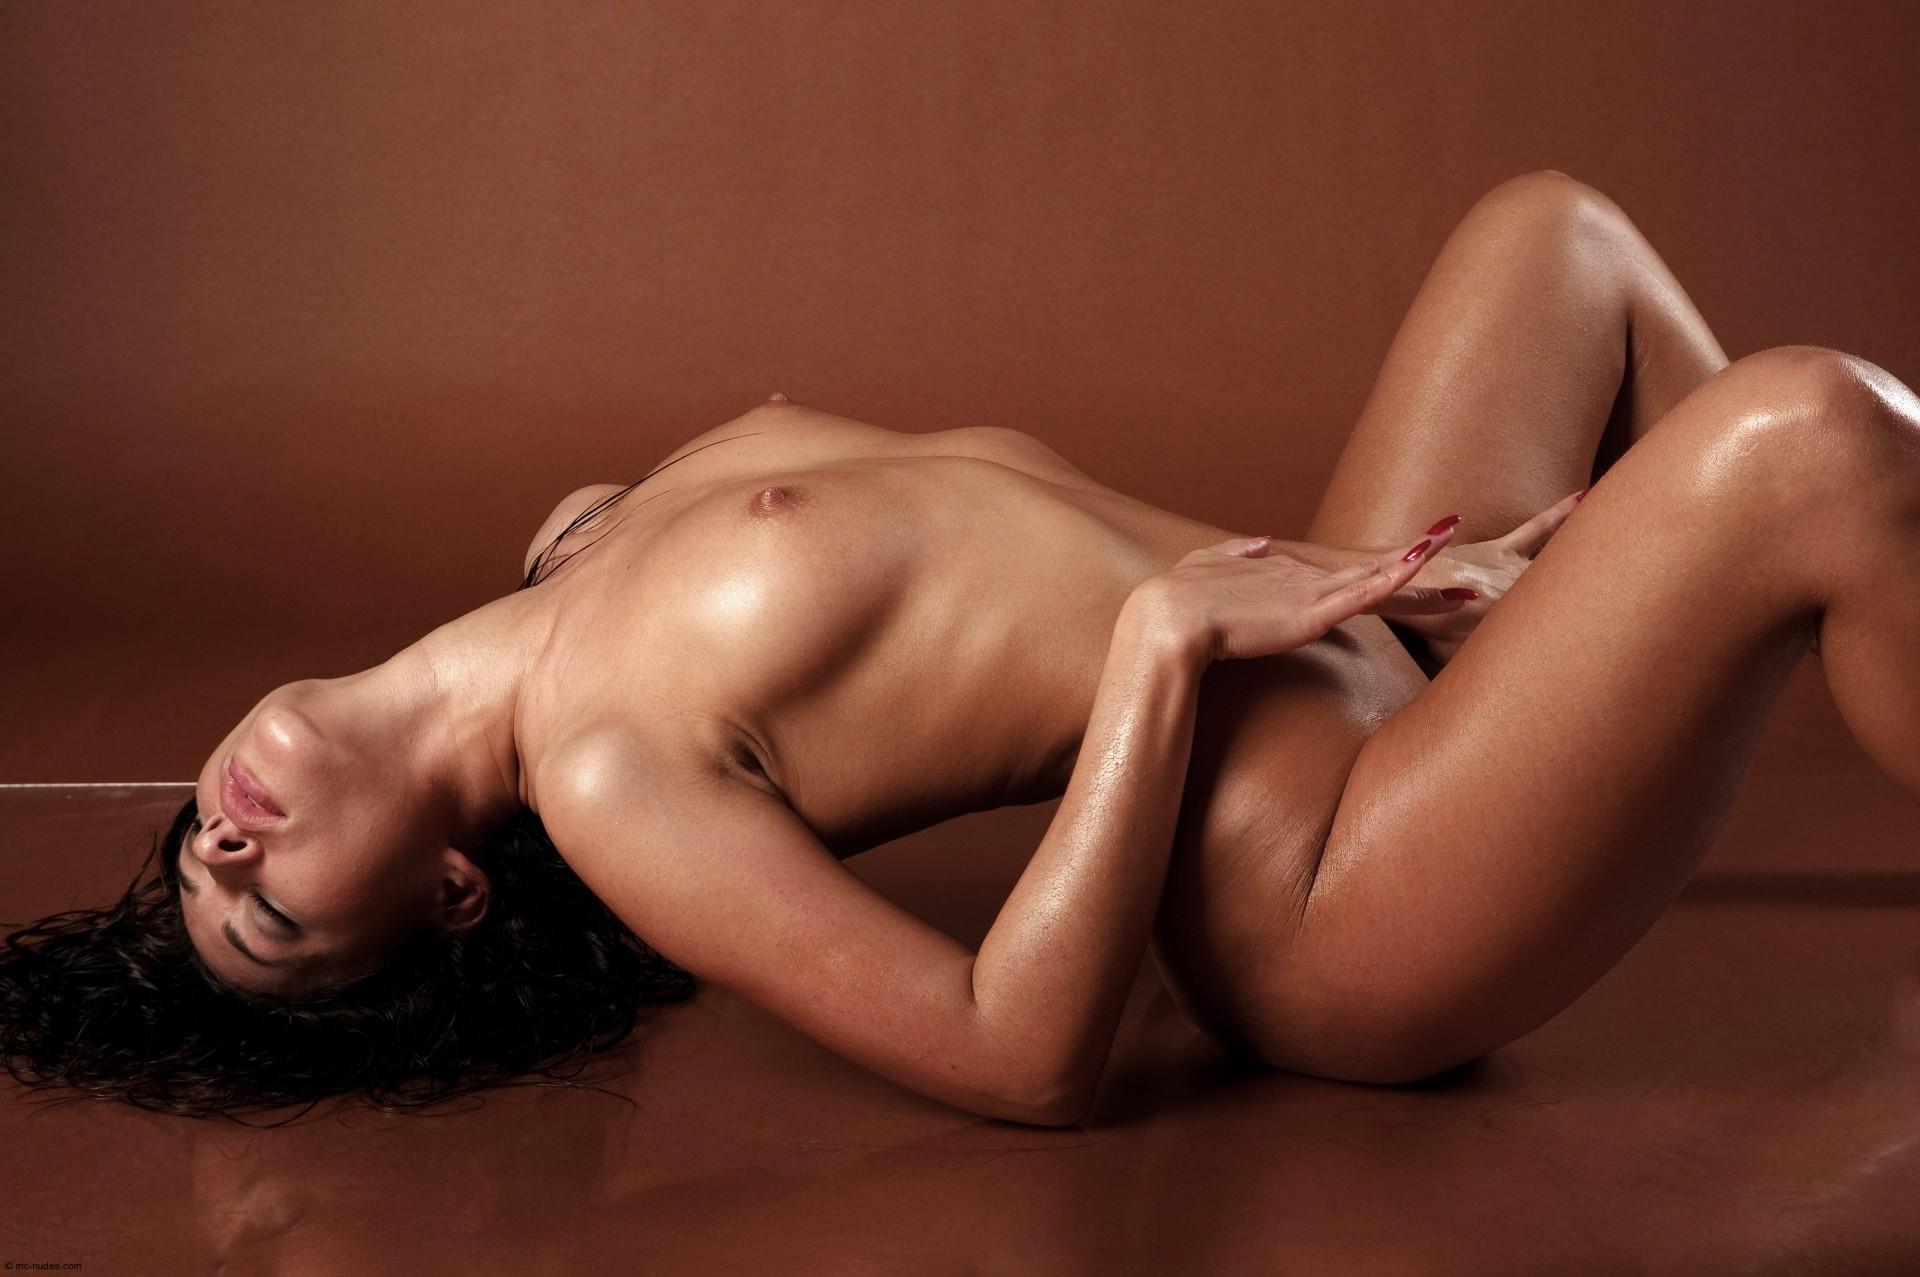 Лосинах красивые позы эротики фото страстные дамы порно